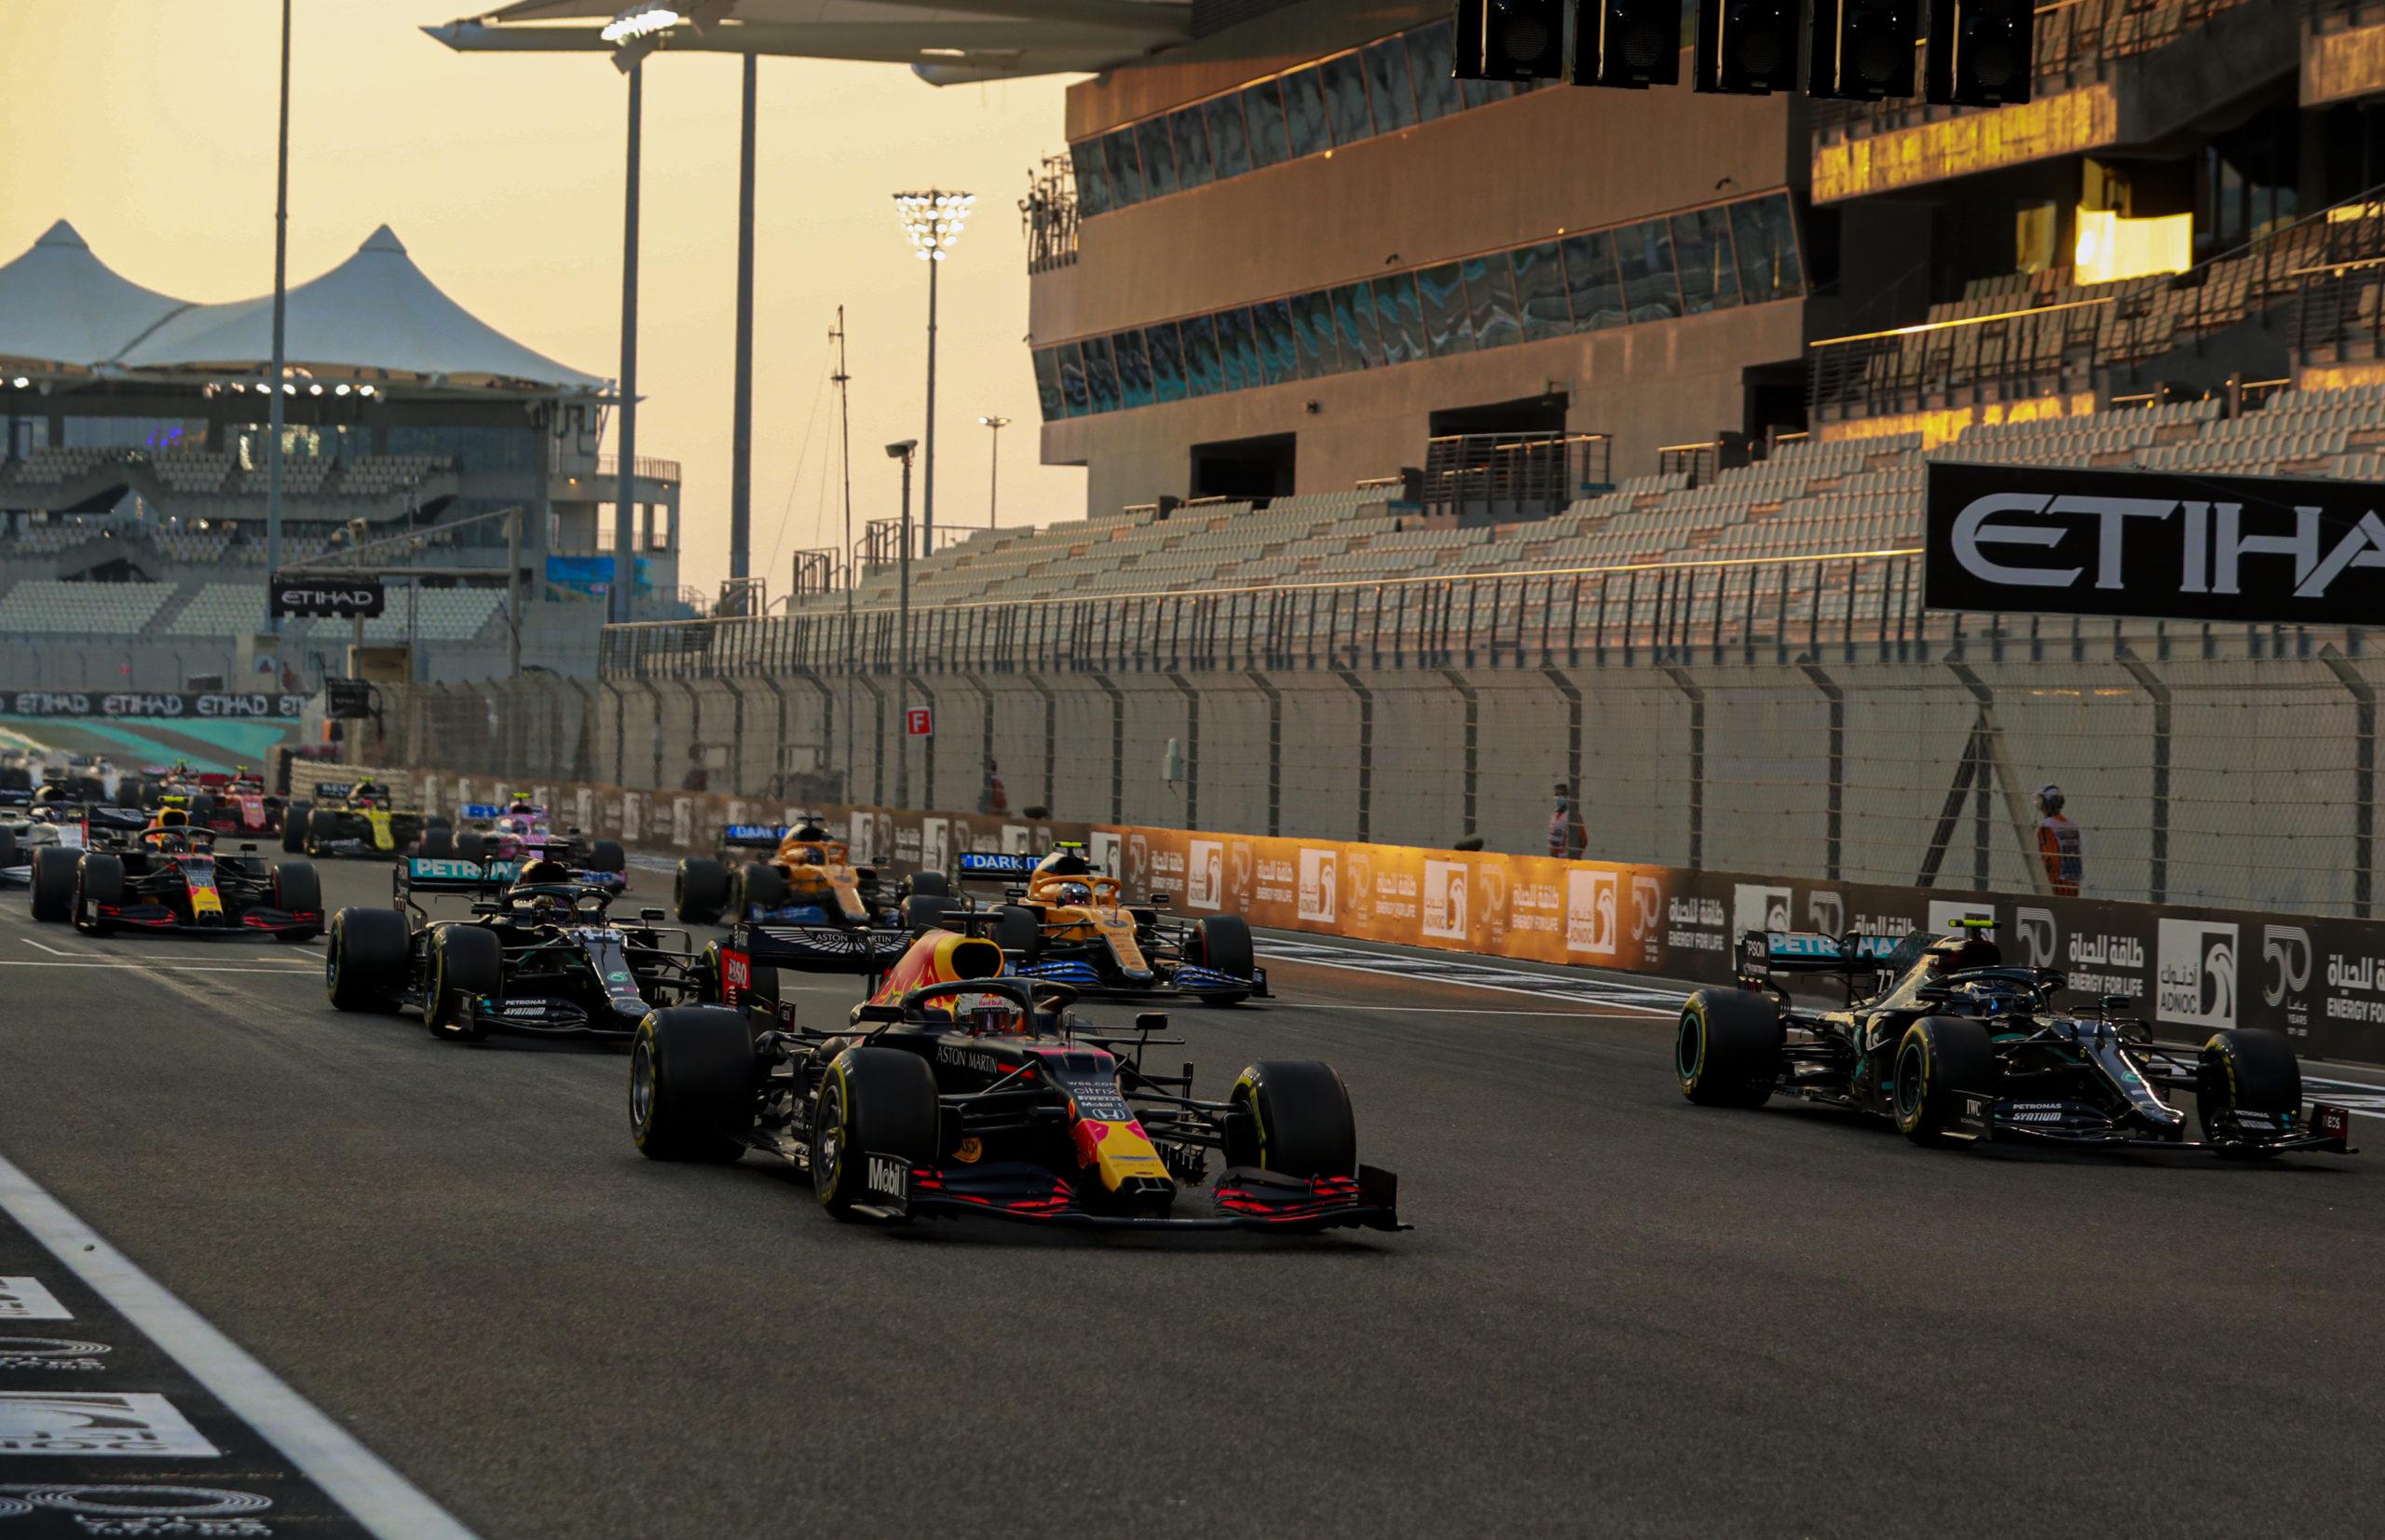 2020 Abu Dhabi Grand Prix, Sunday - LAT Images